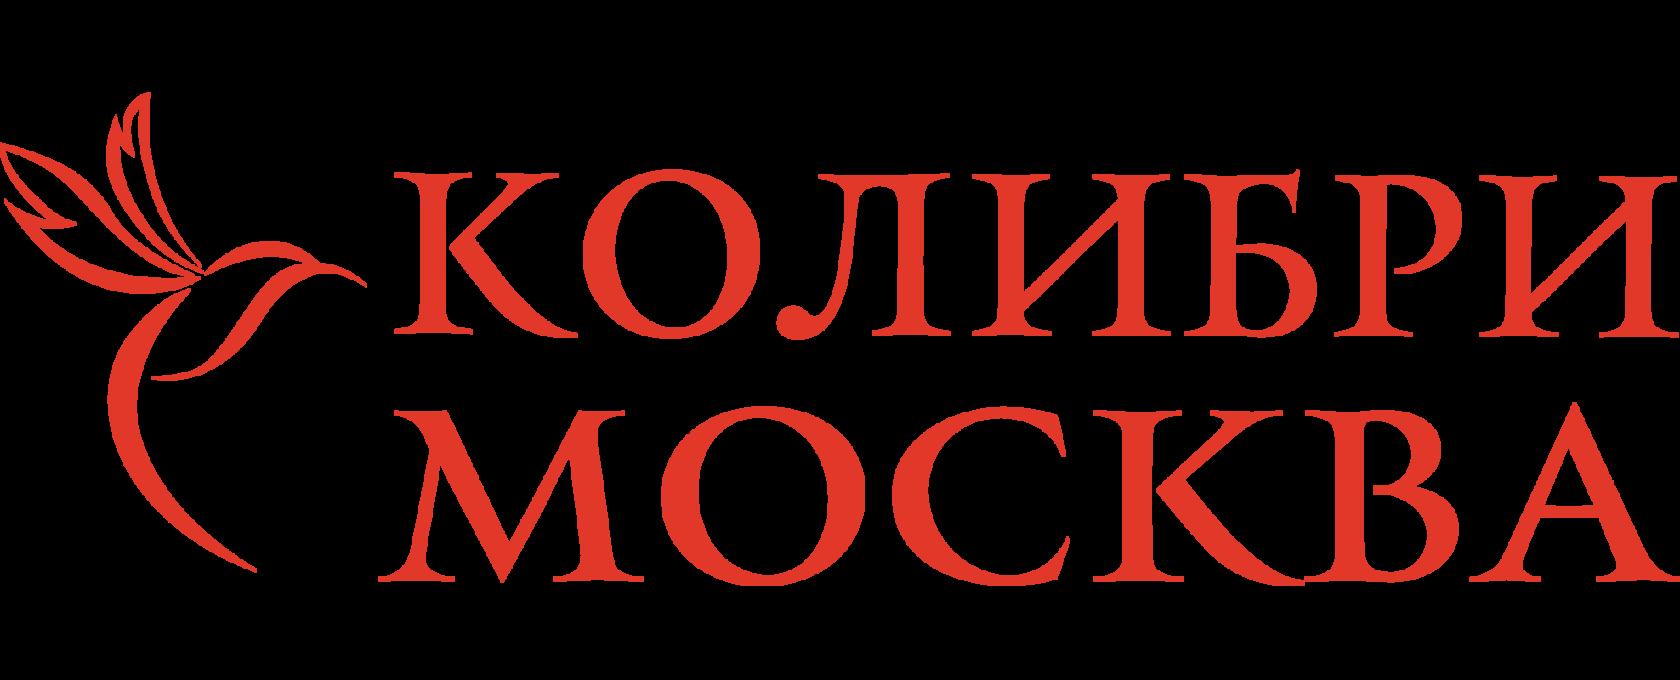 Colibri Moscow 2017 by Eva Bond